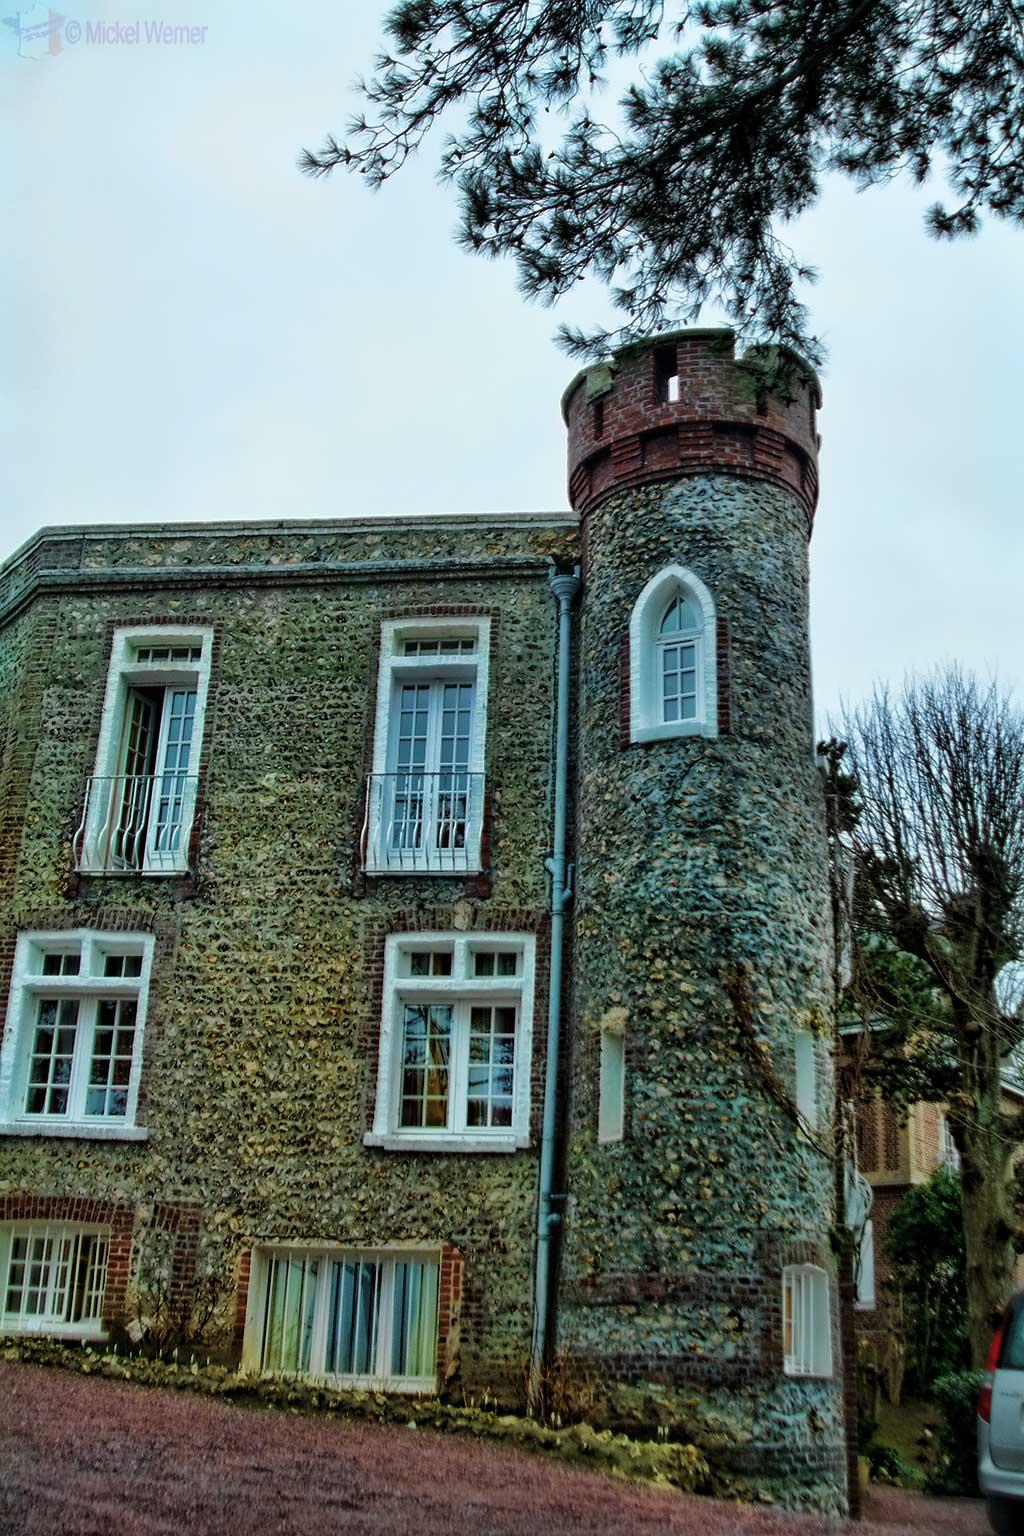 Domaine Saint Clair - Le Donjon Hotel Castle in Etretat